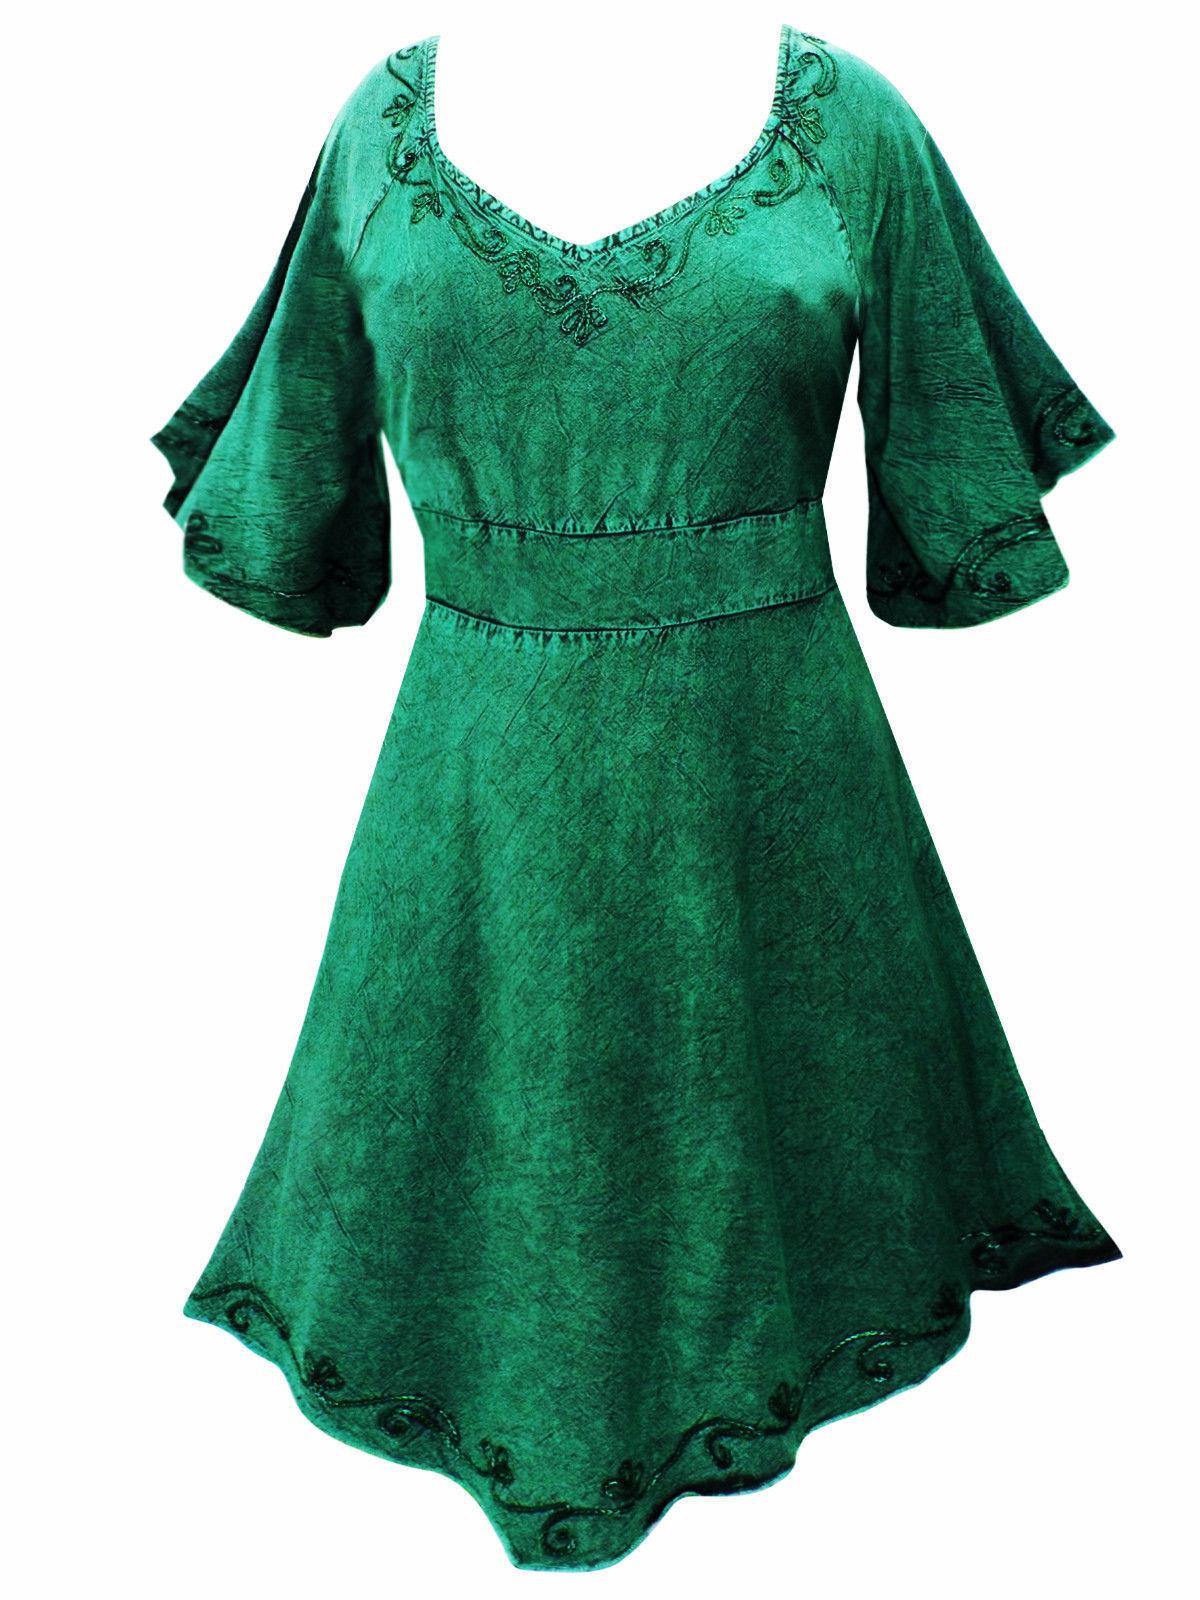 Mittelalterliches Prinzessin Top Oberteil Blause lang lang lang grün S M L 34 36 38 40 42 | Hochwertig  | Hohe Sicherheit  | Schön In Der Farbe  6c0bd8